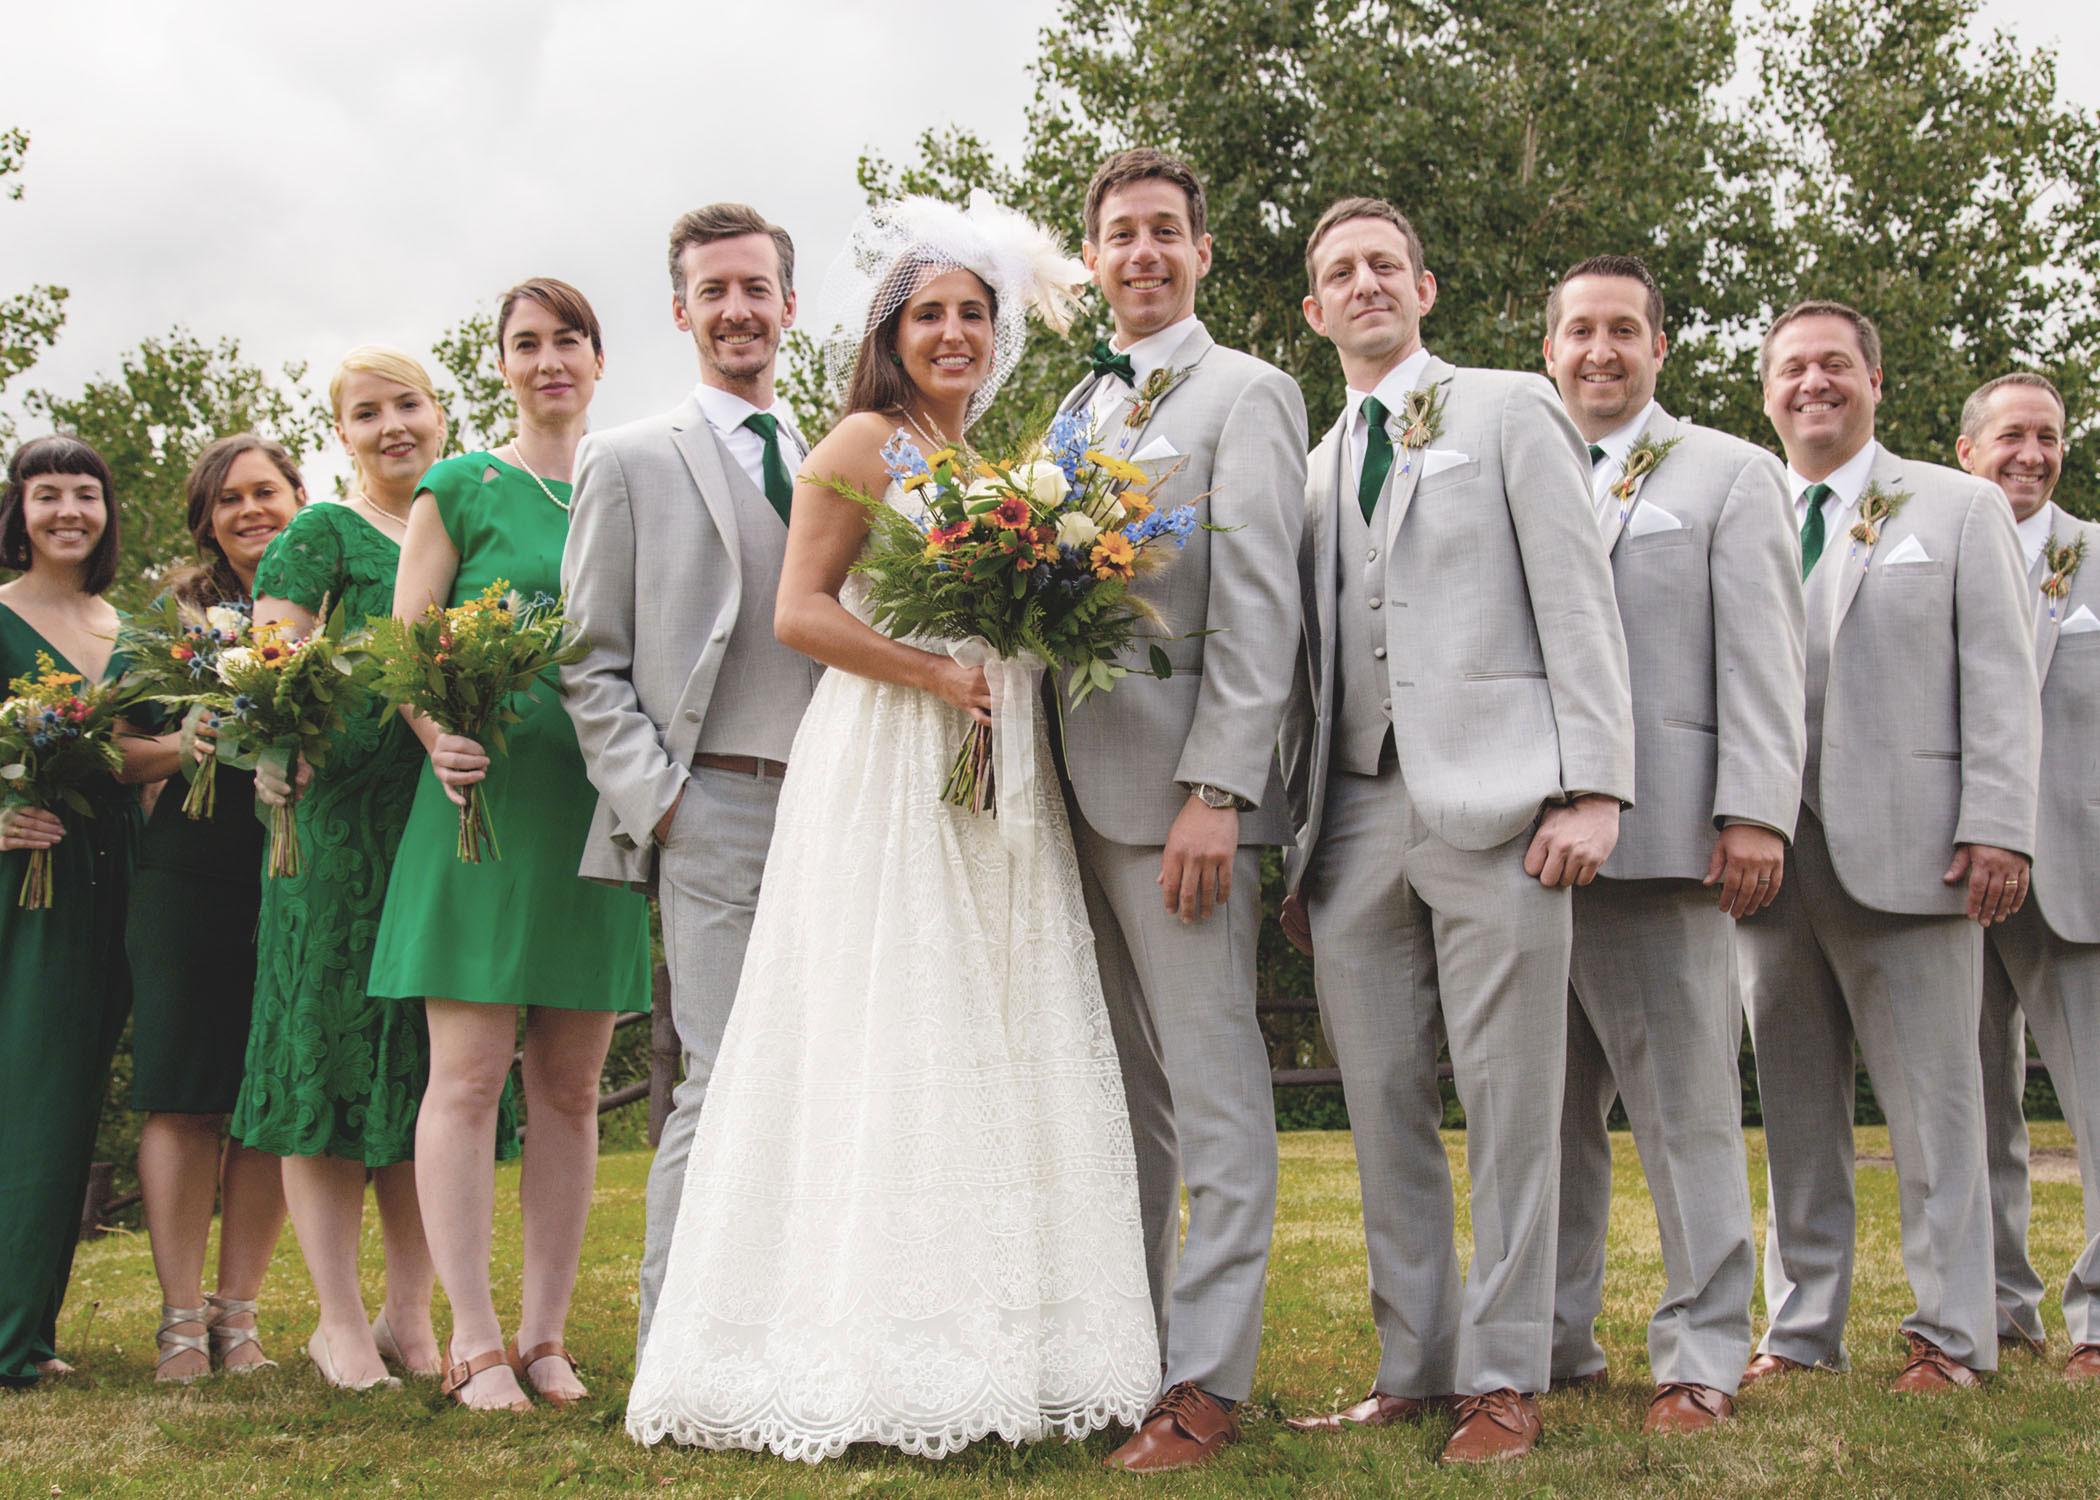 East Glacier Park Wedding